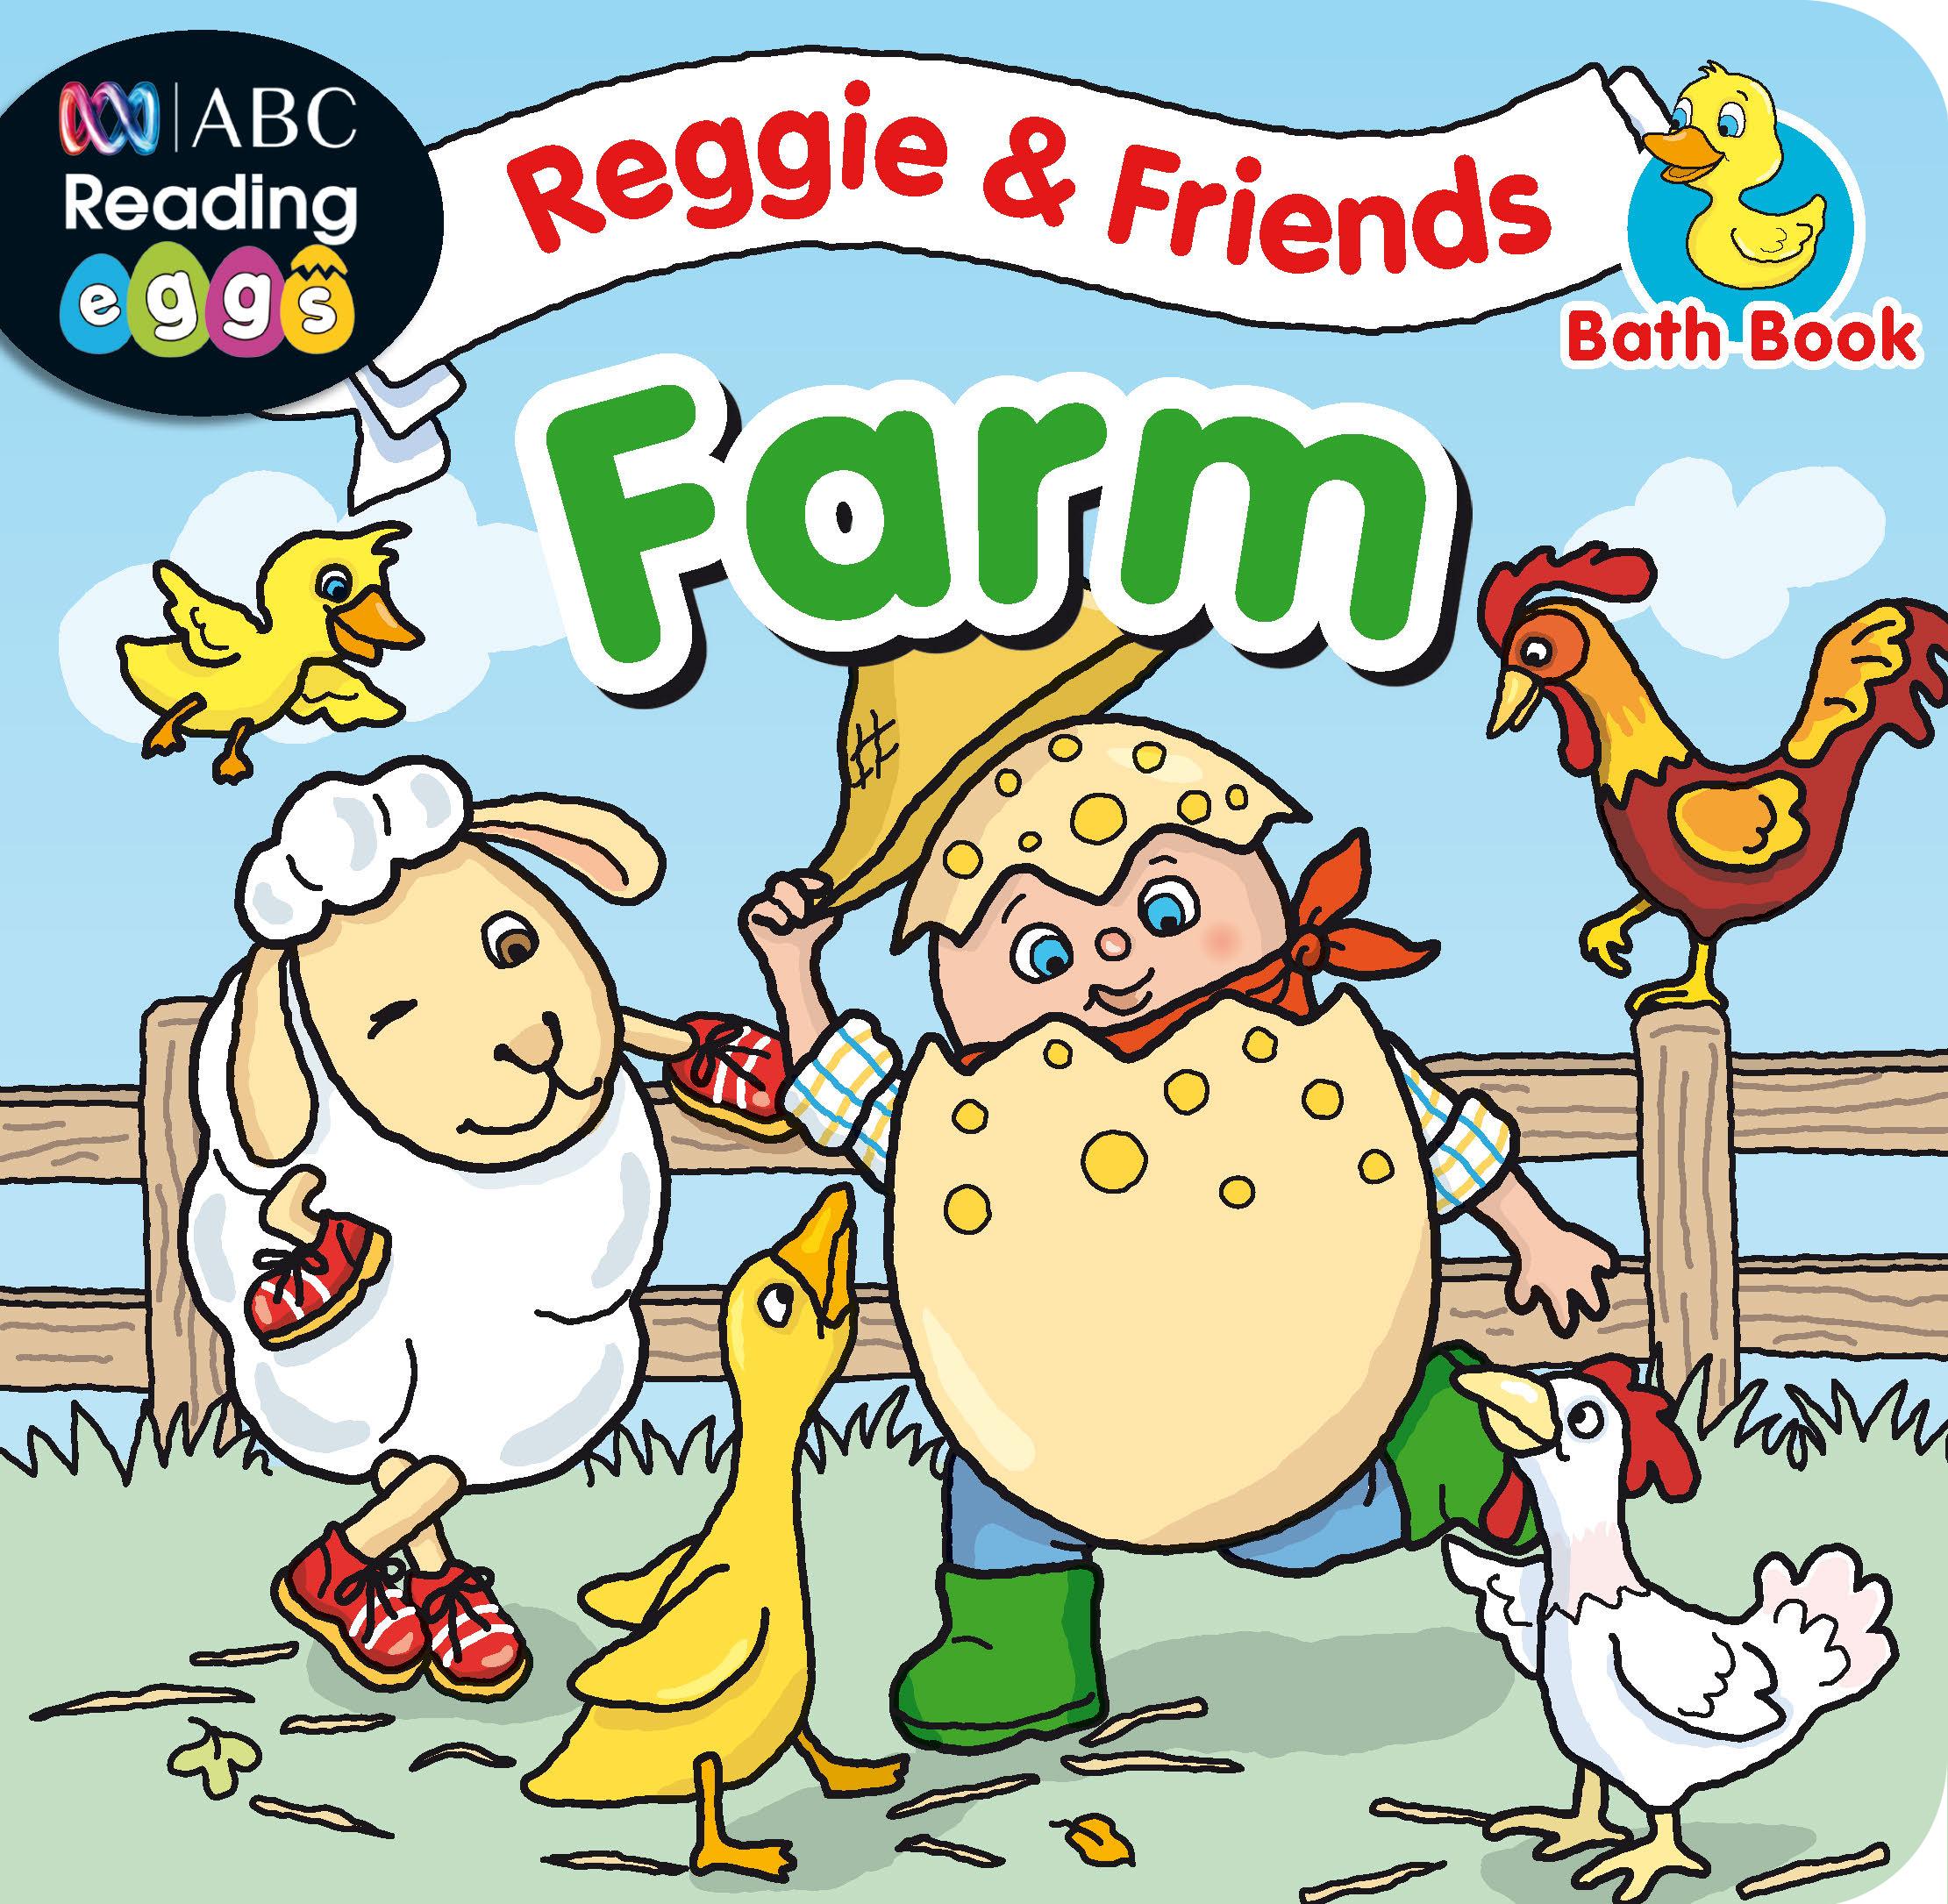 ABC Reading Eggs Bath Book - Reggie & Friends: Farm